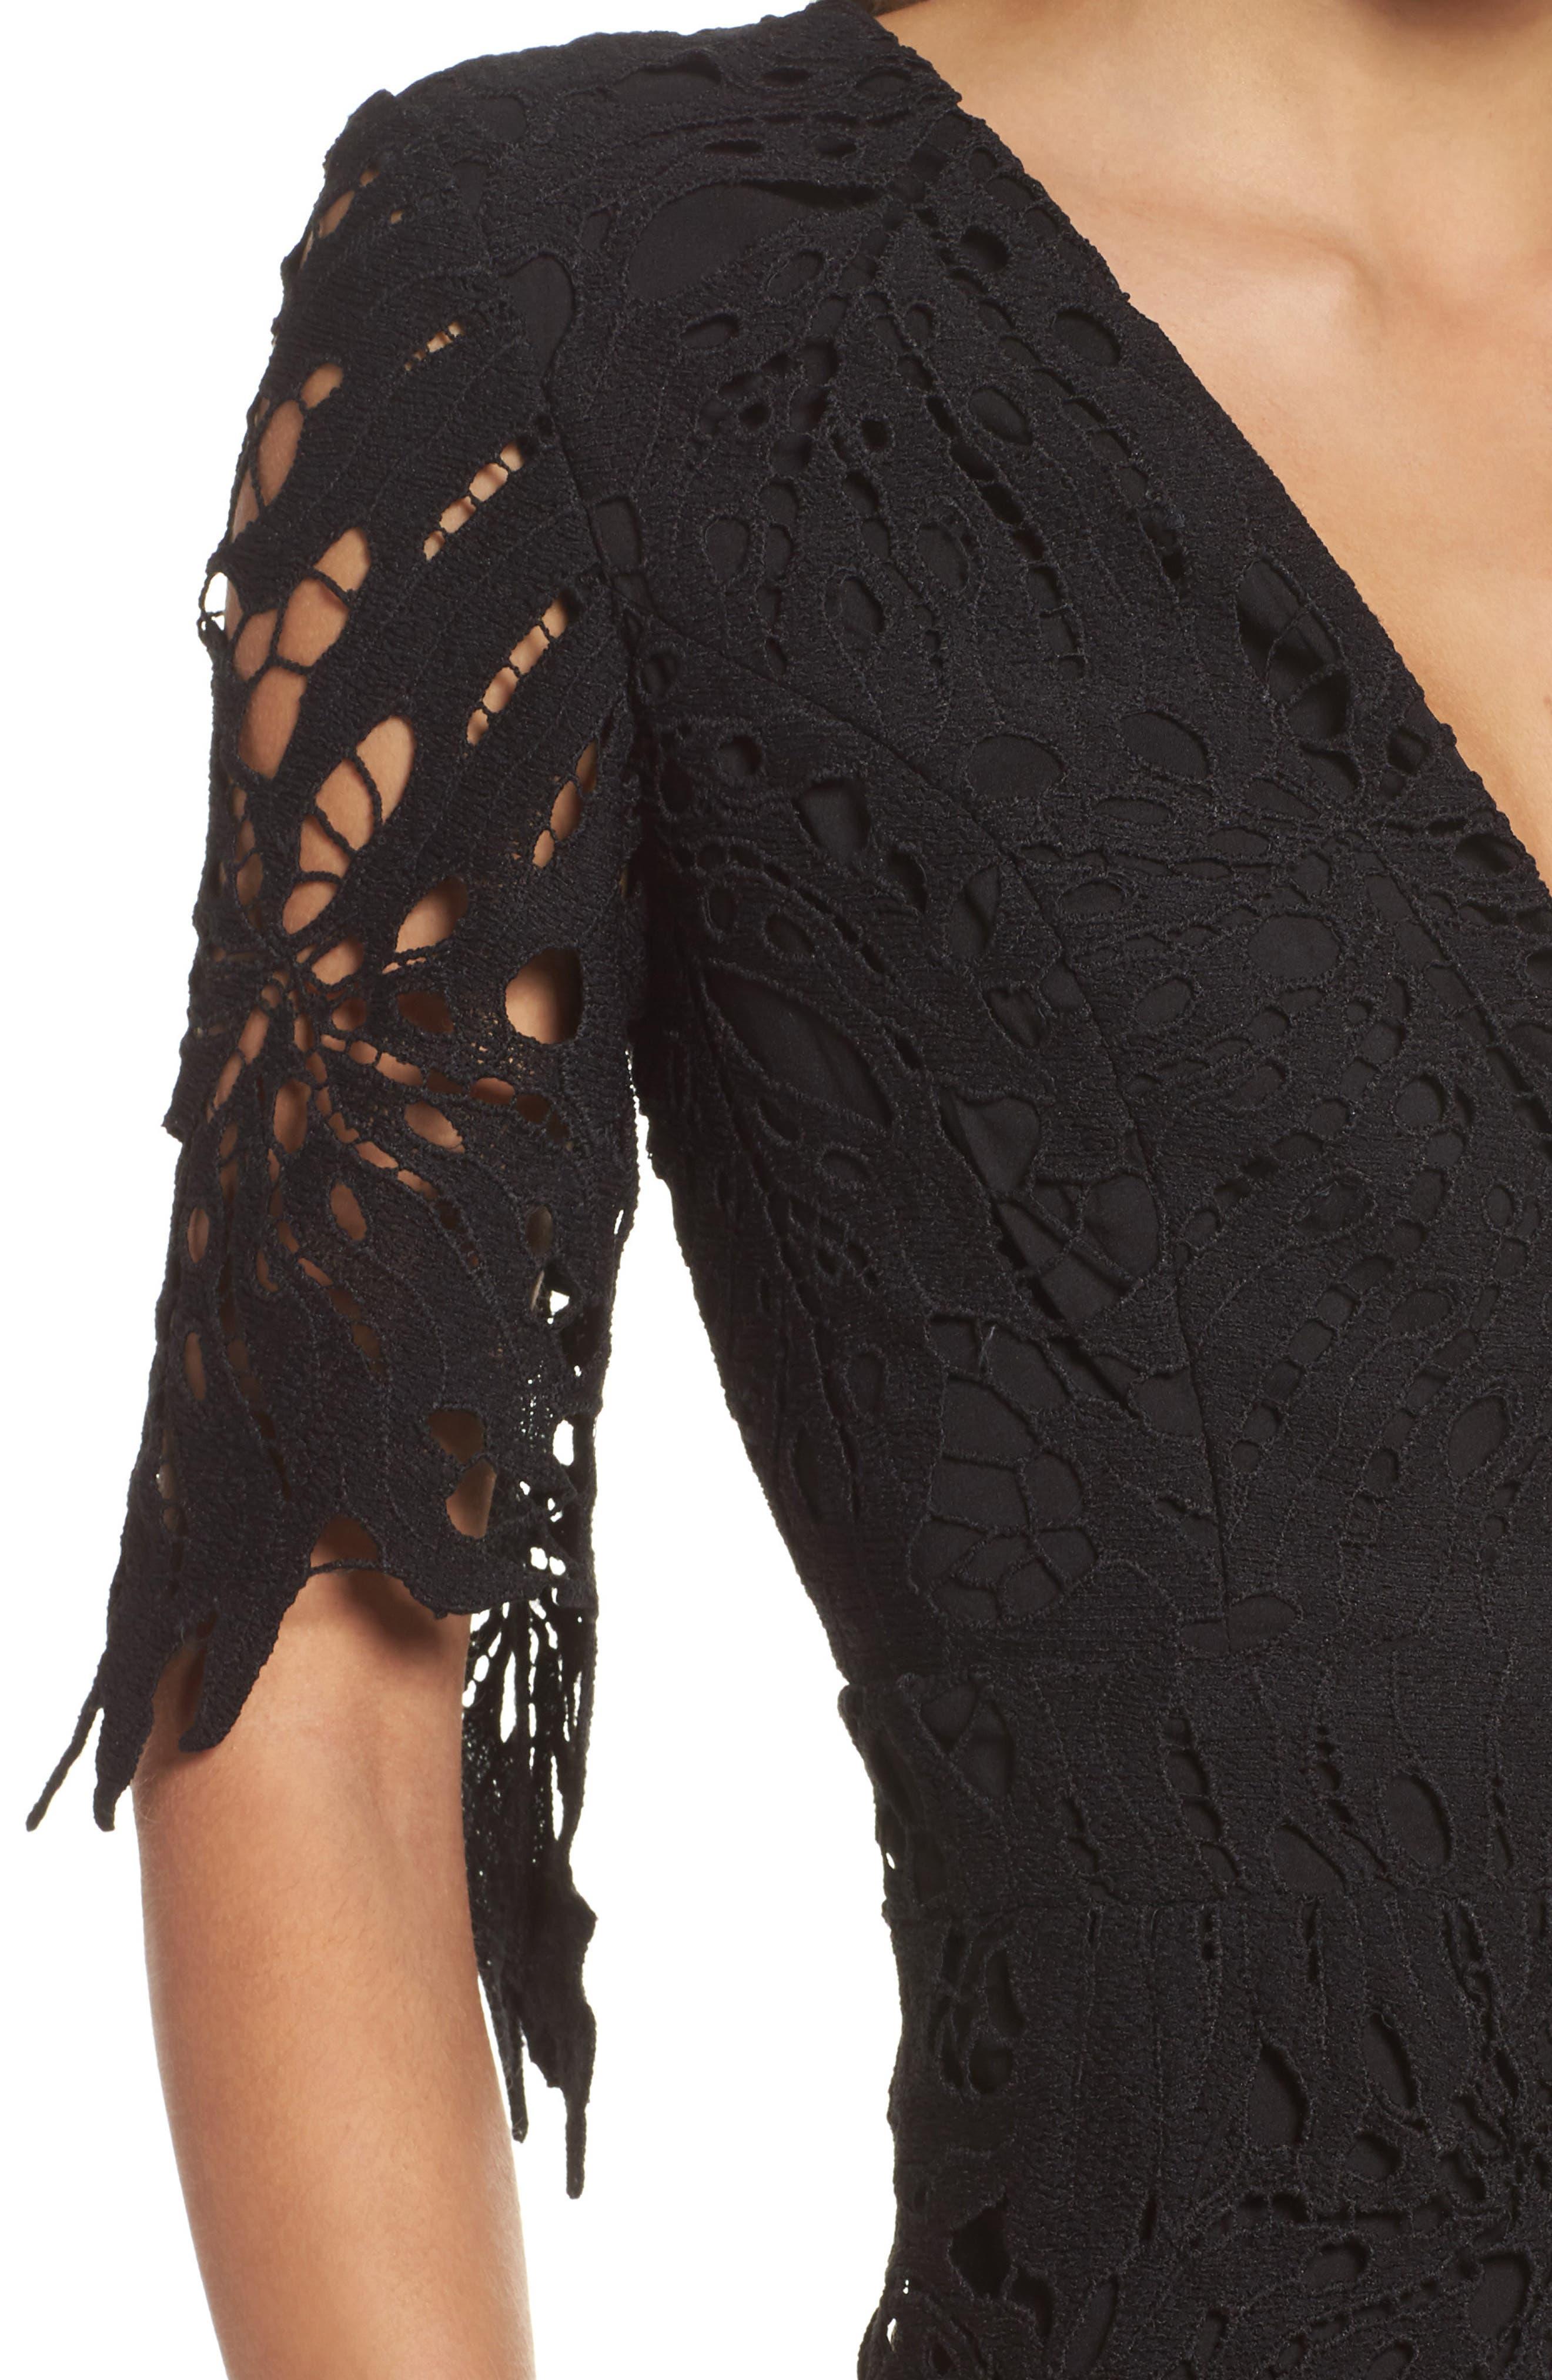 Amalfi Lace Romper,                             Alternate thumbnail 6, color,                             Black